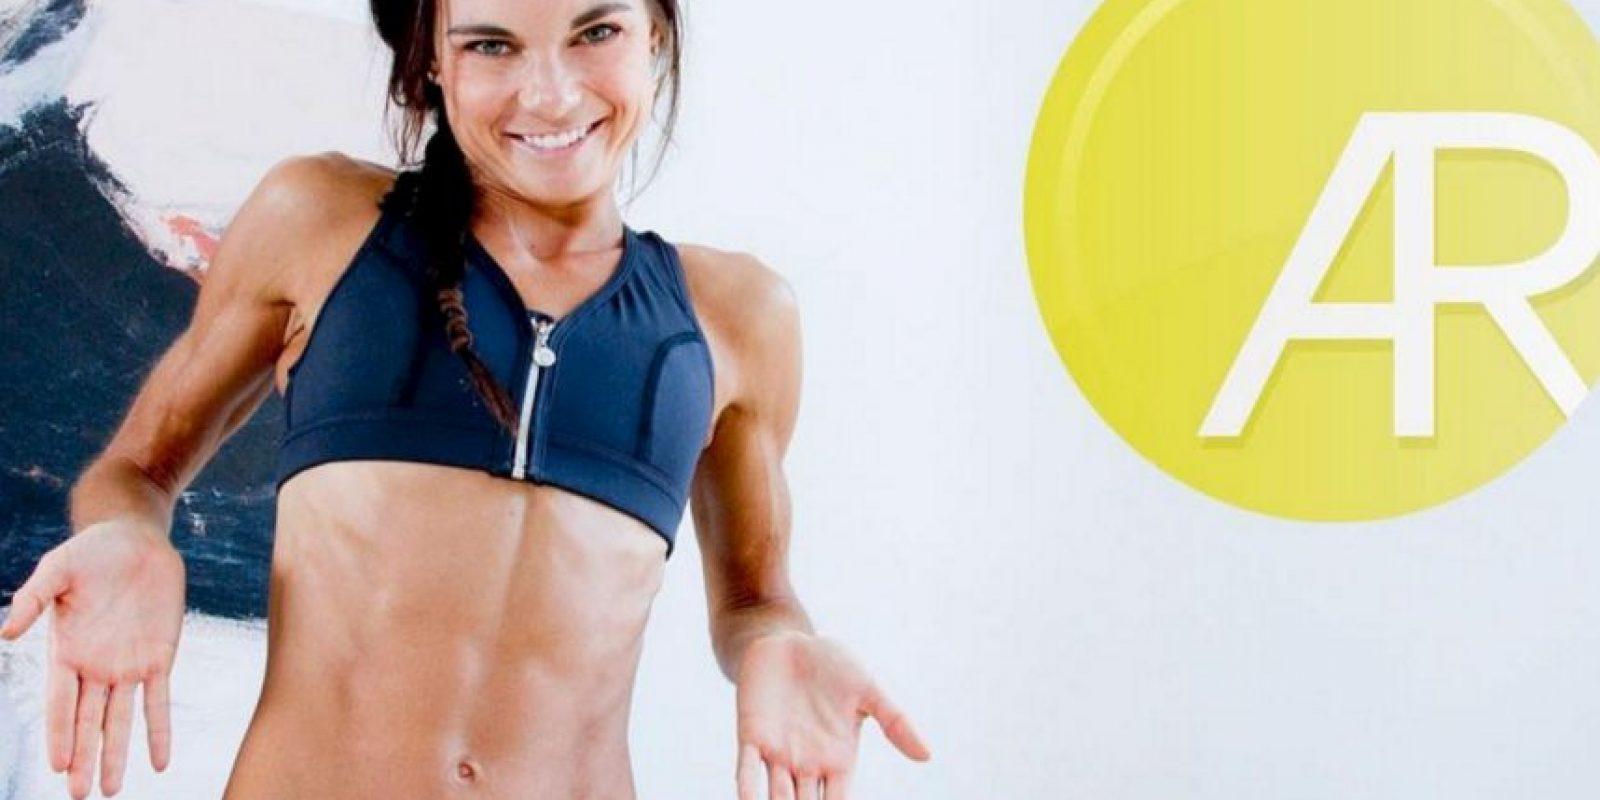 Fundó la página FitStrongAndSexy.com para compartir sus conocimientos de fitness con personas de todo el mundo Foto:Vía instagram.com/amandarussellfss